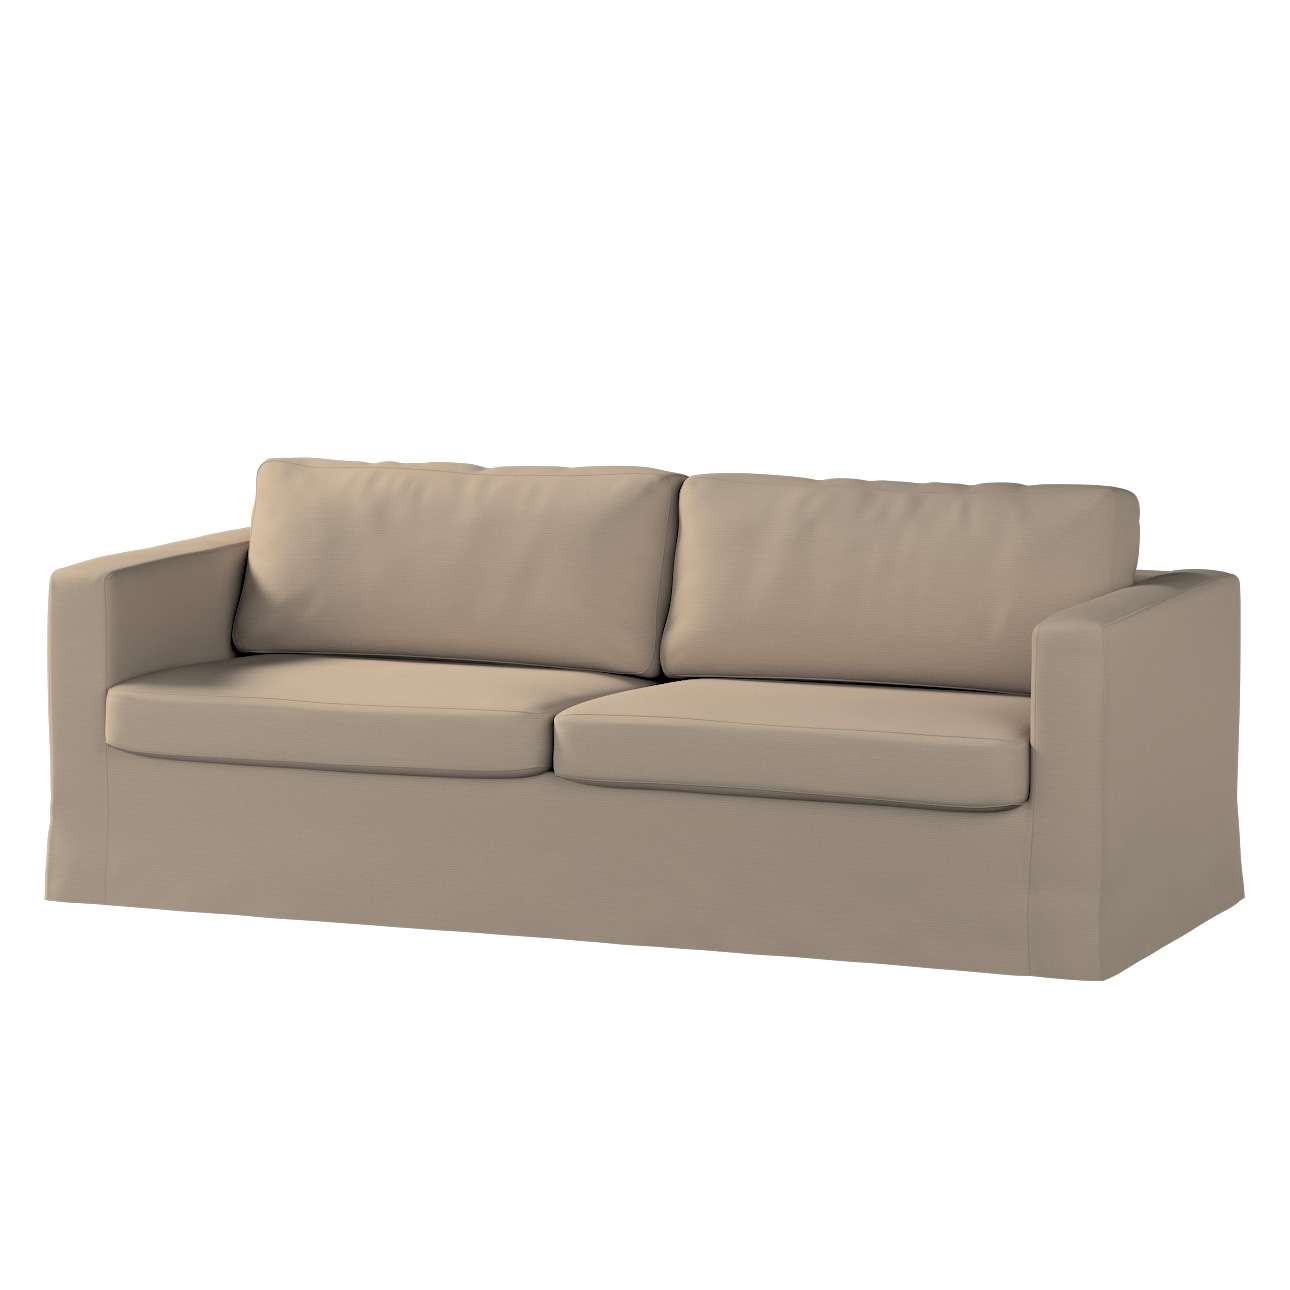 Pokrowiec na sofę Karlstad 3-osobową nierozkładaną, długi Sofa Karlstad 3-osobowa w kolekcji Cotton Panama, tkanina: 702-28